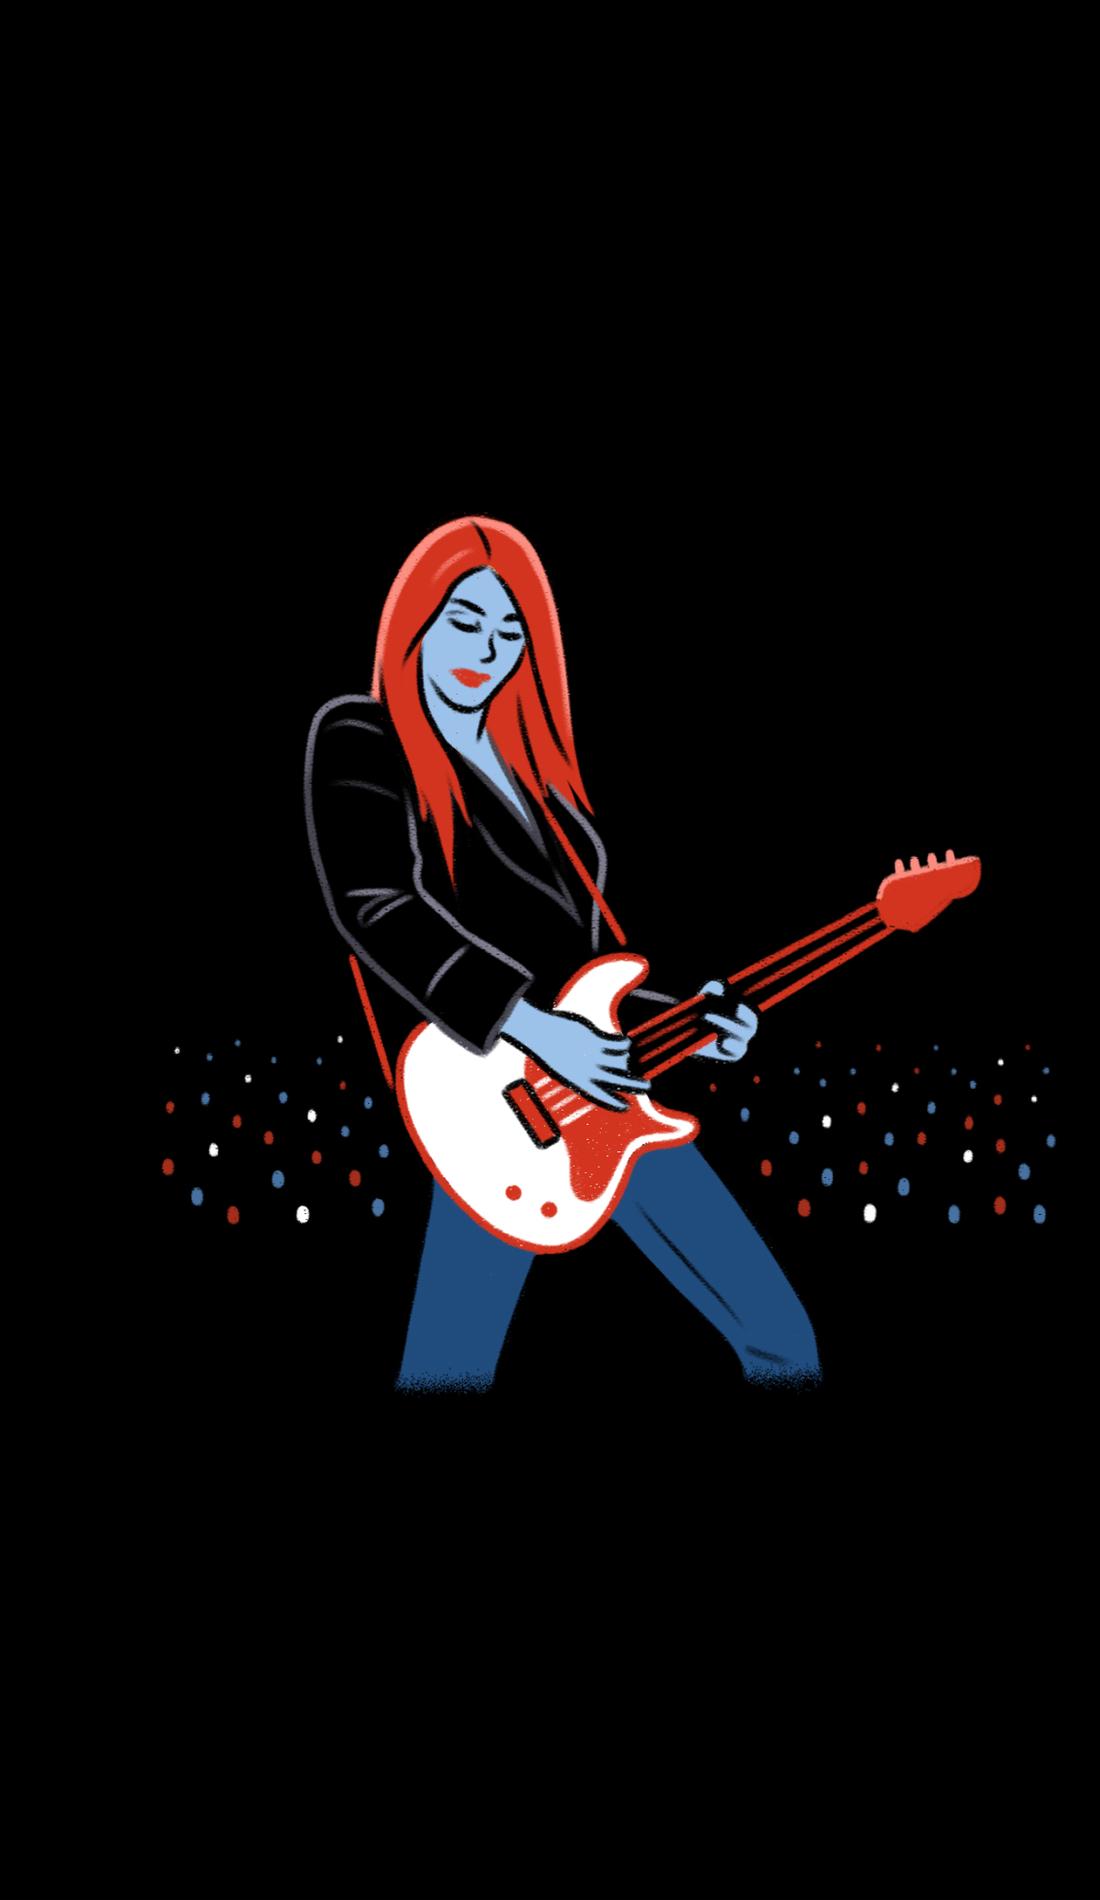 A Luna Negra live event